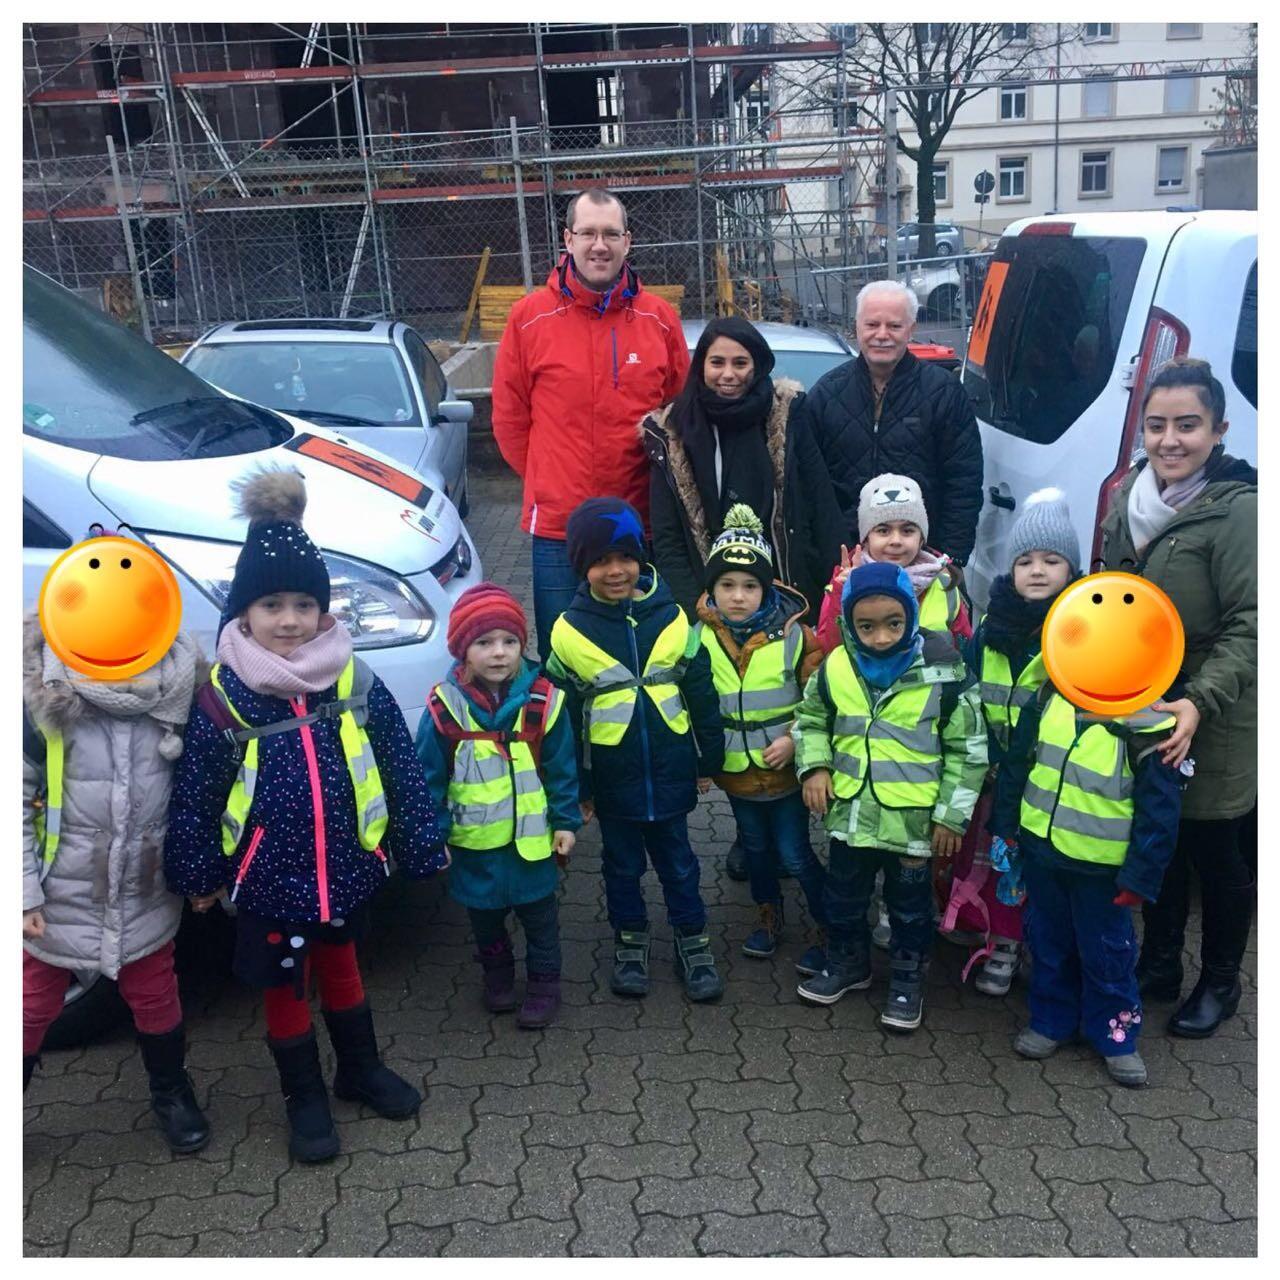 Ein Gruppenfoto von Kindern und Erwachsenen in Warnwesten.